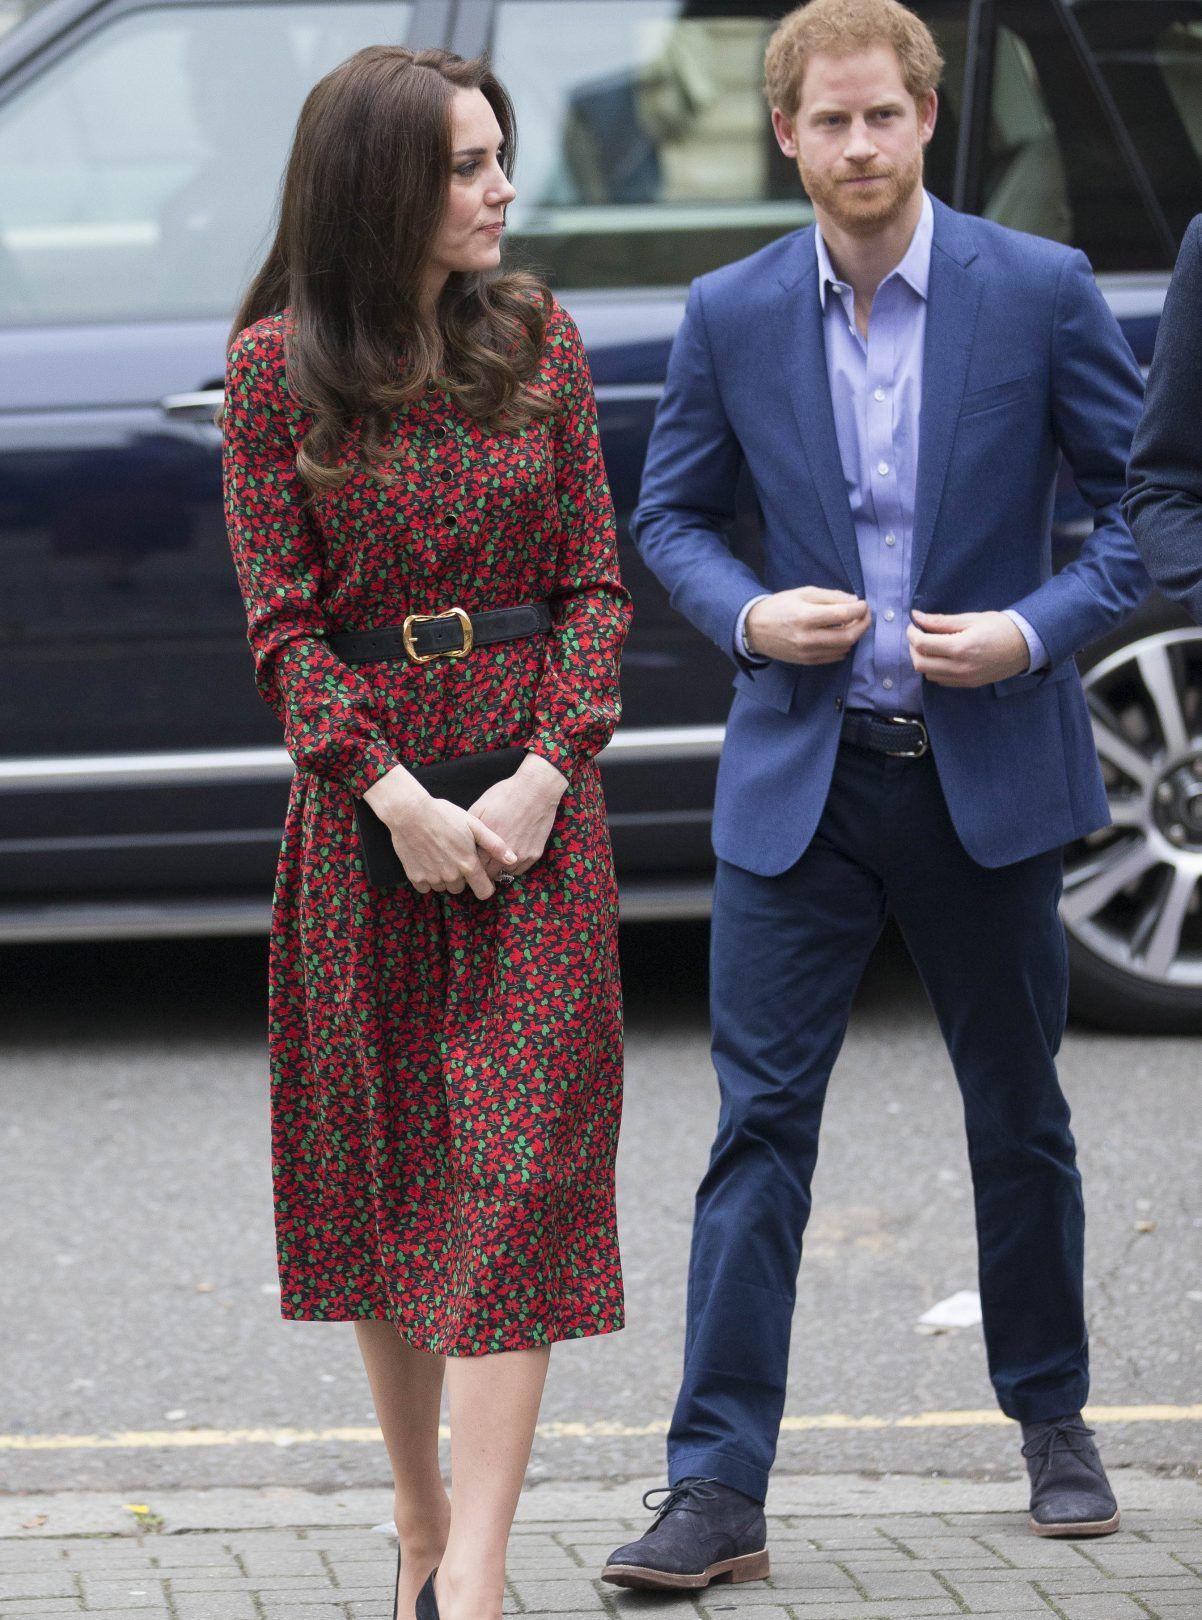 b5876e0656 Kate Middleton Style Photos | Fashionable | Kate middleton dress ...